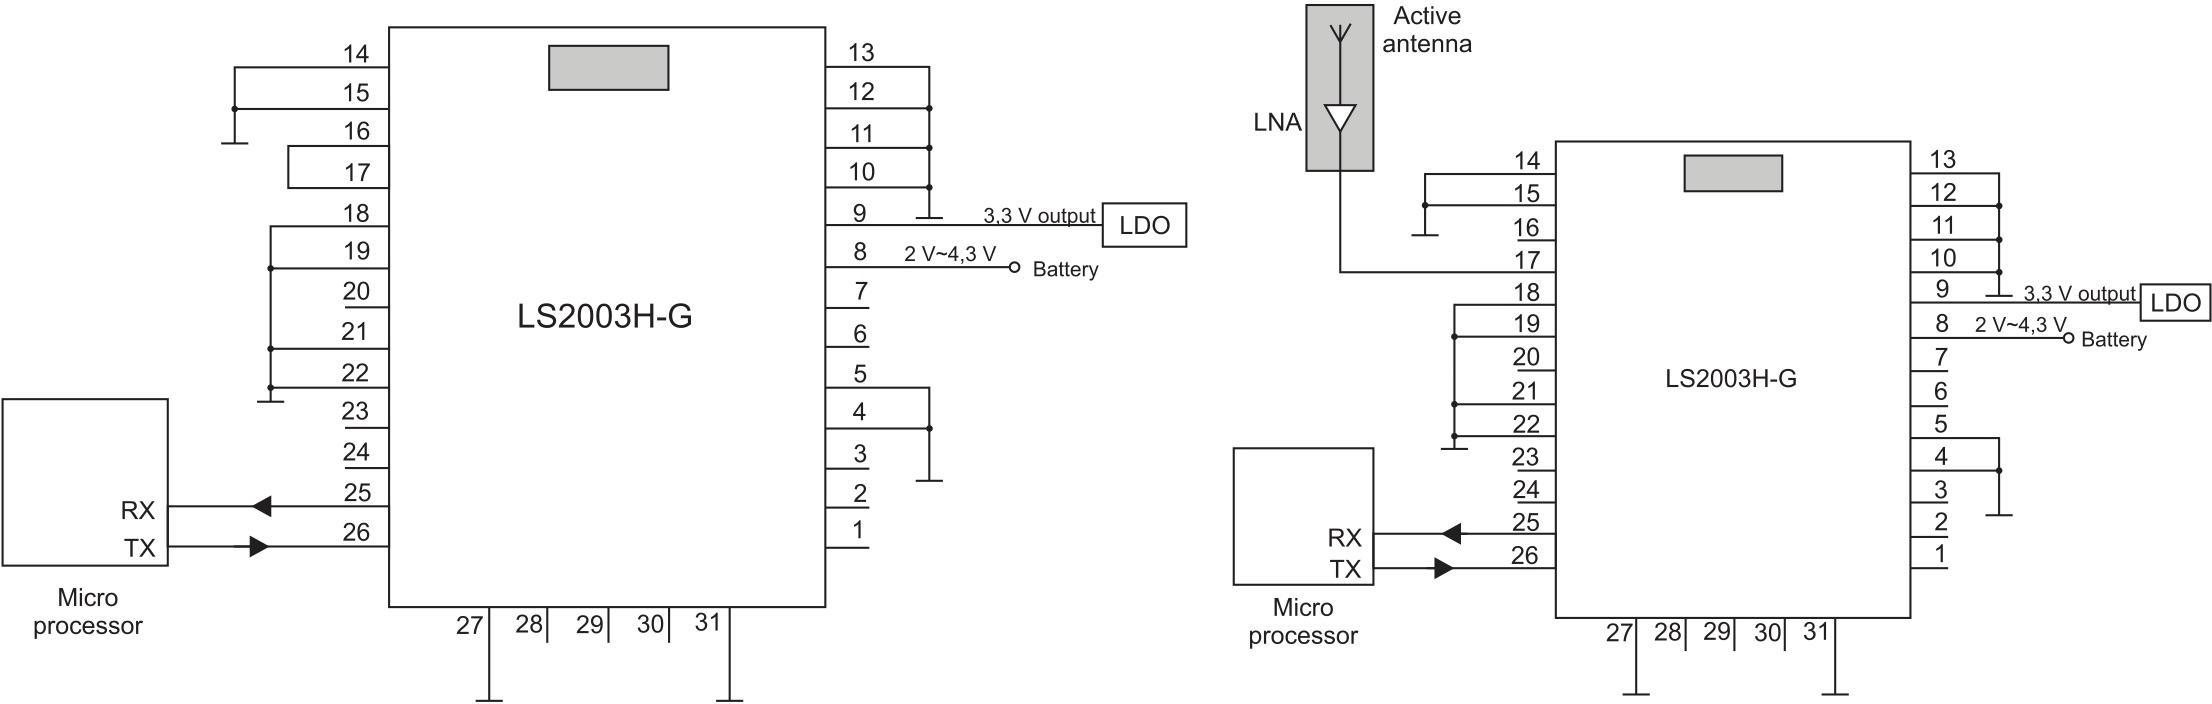 Модуль LS2003H-G: а) со встроенной антенной; б) с внешней антенной